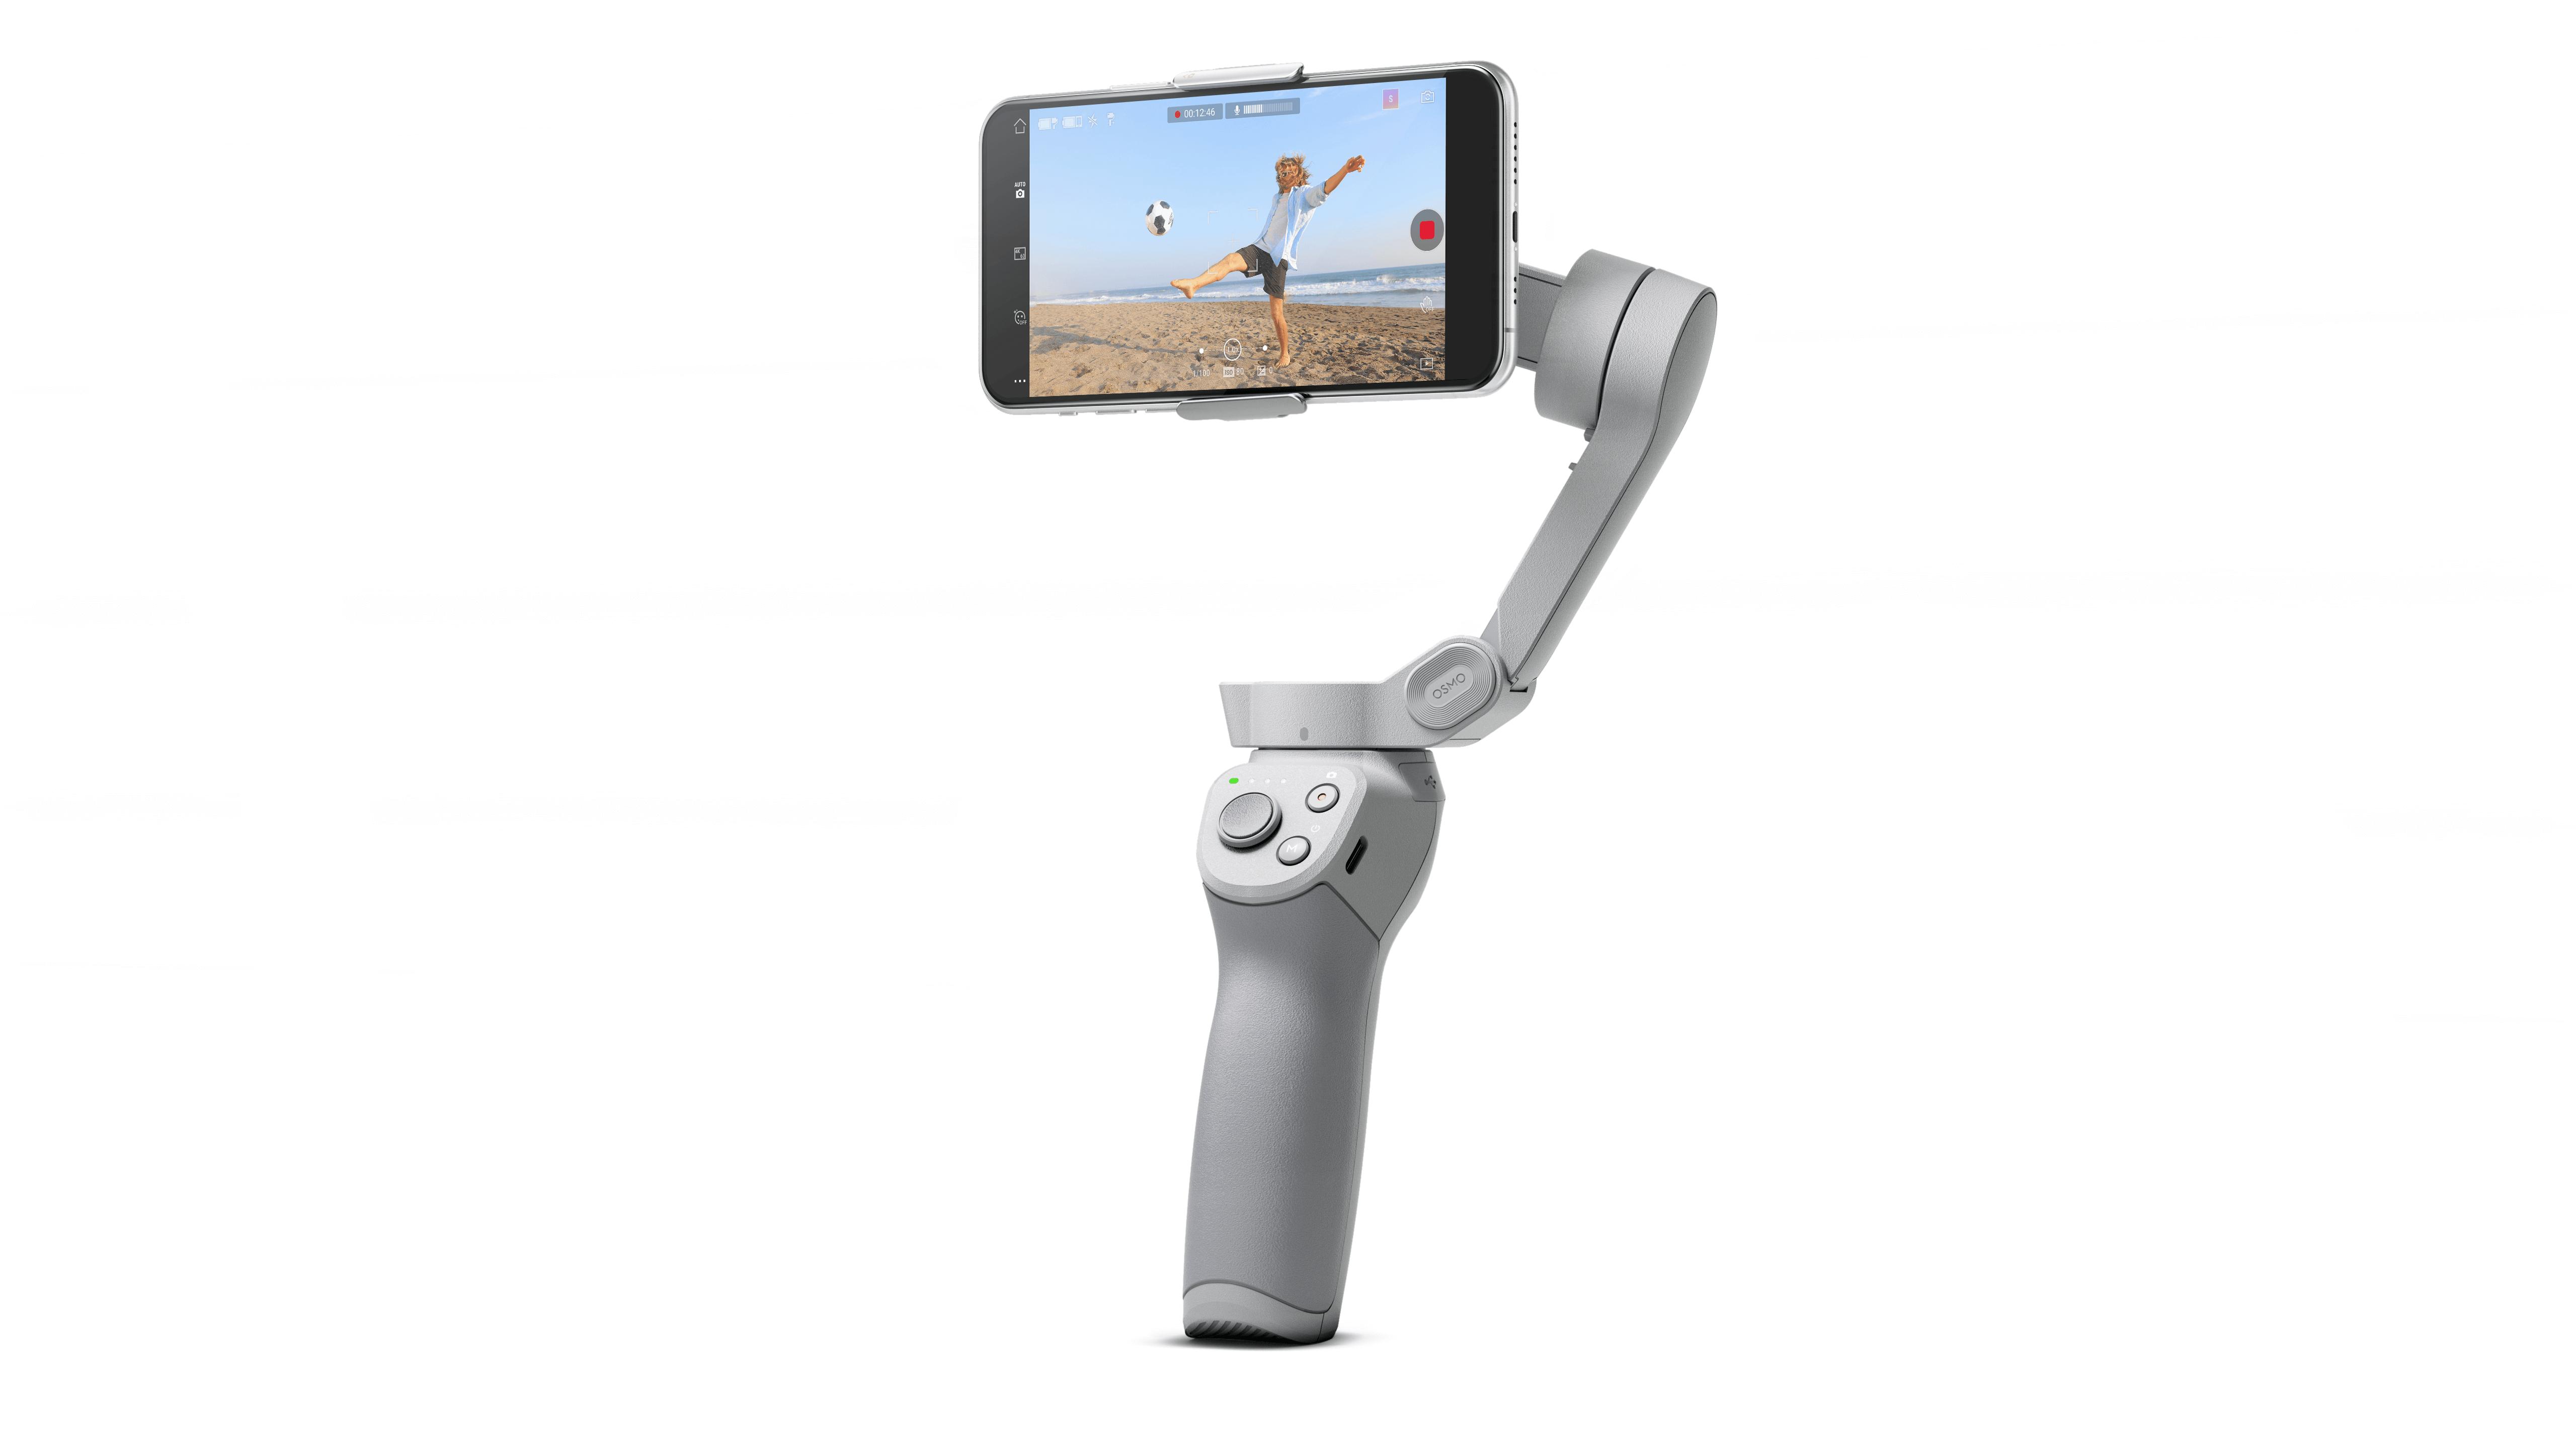 DJI osmo mobile 4 003